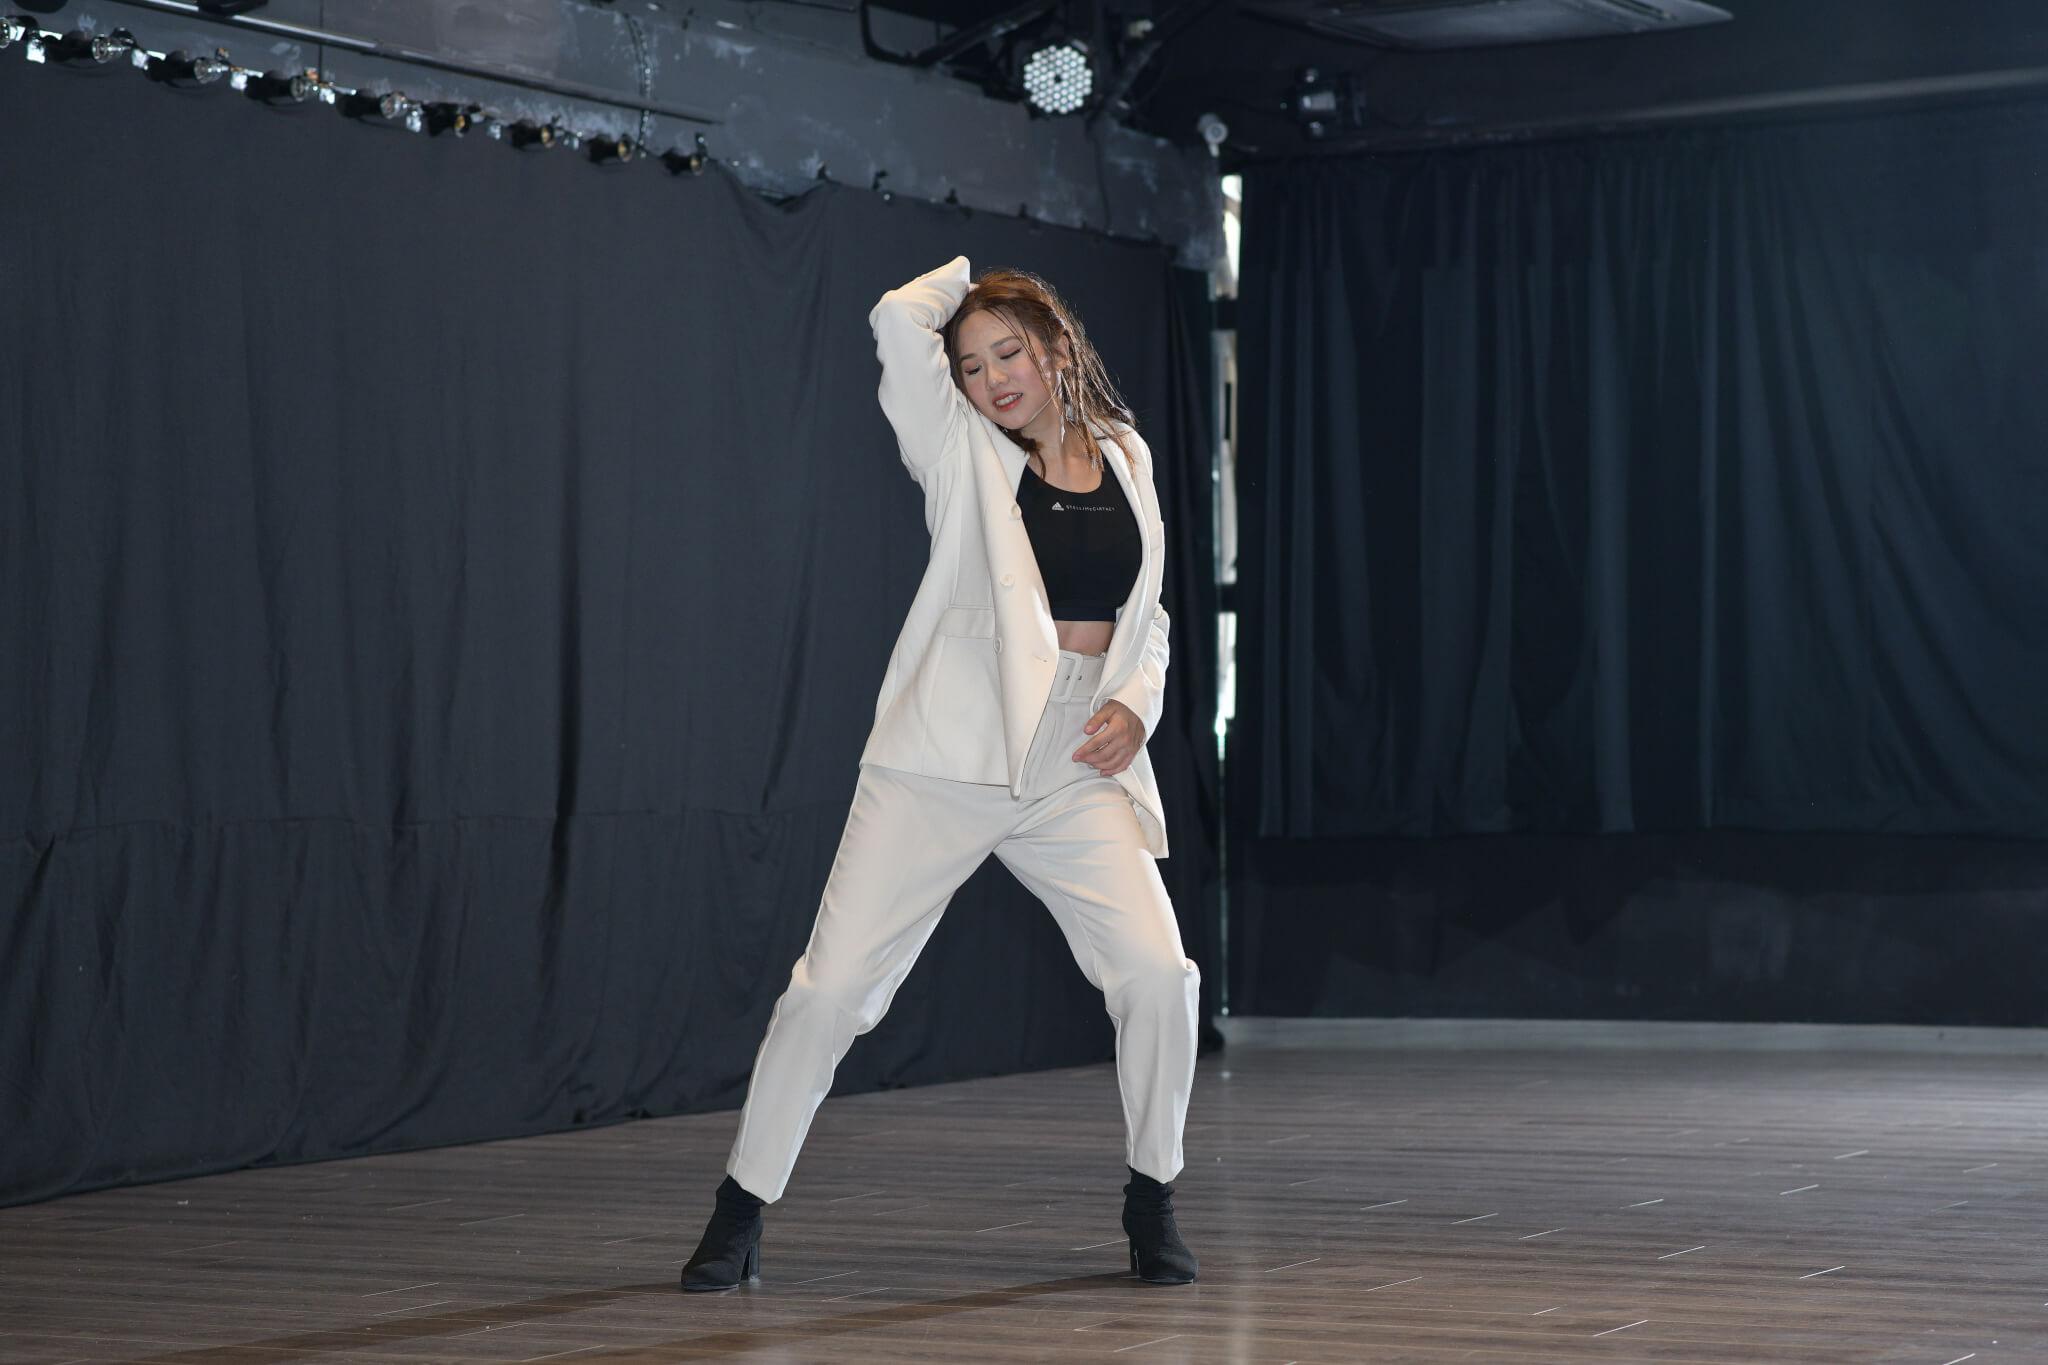 跳舞時身體隨着音樂舞動,她說感覺十分正。